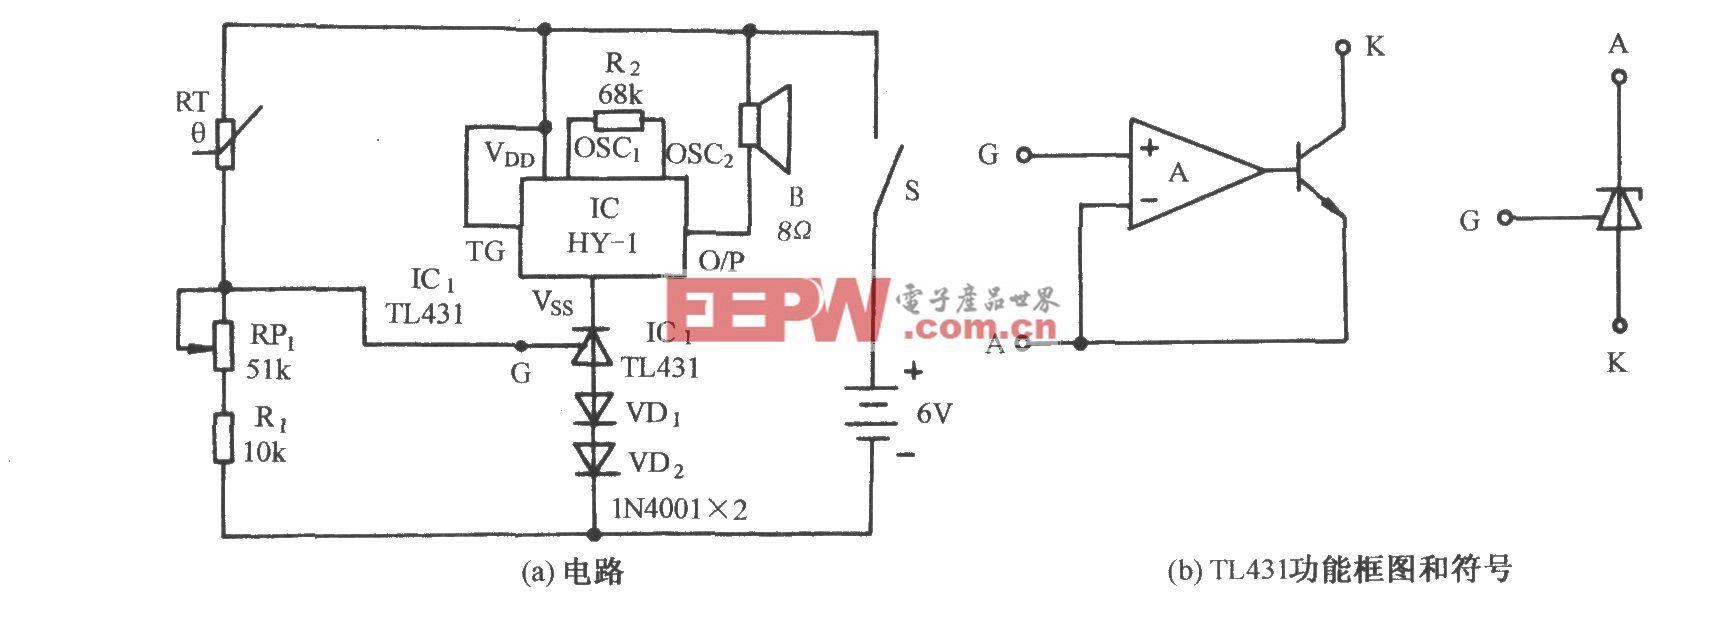 用TL431的上限温度乐曲告知电路